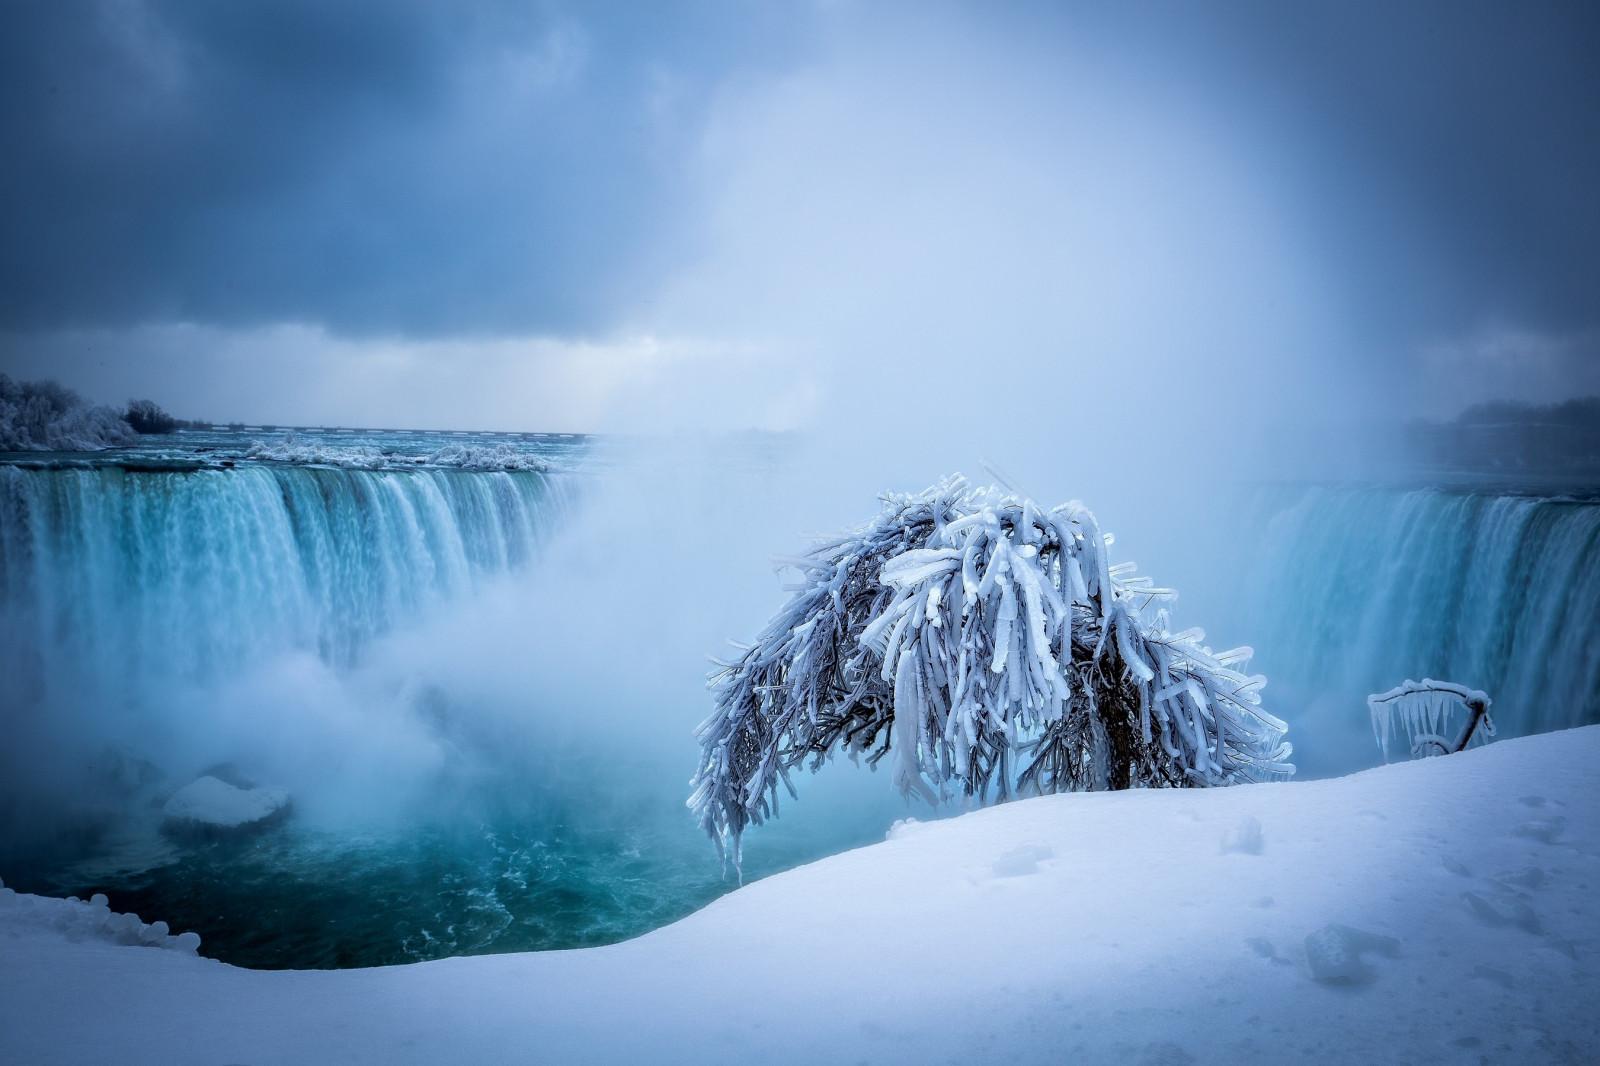 обои для рабочего стола зима водопады № 467070 загрузить